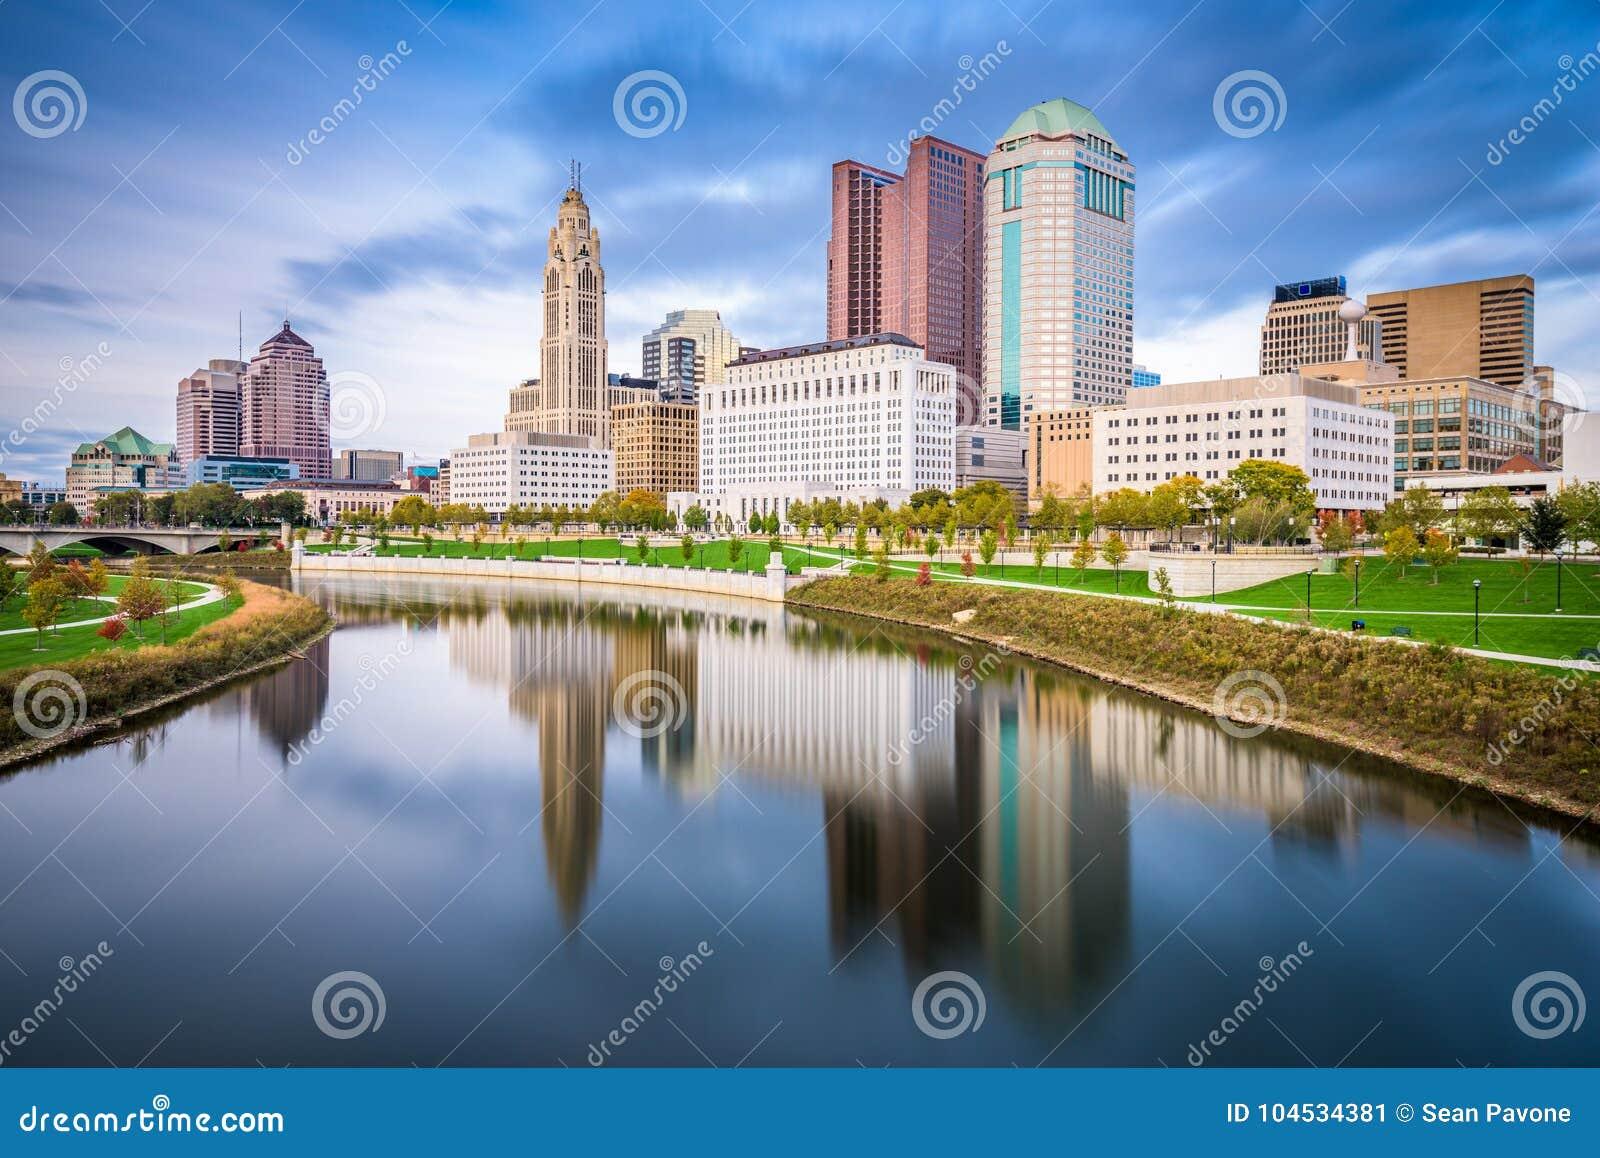 Columbus, Ohio, U.S.A.